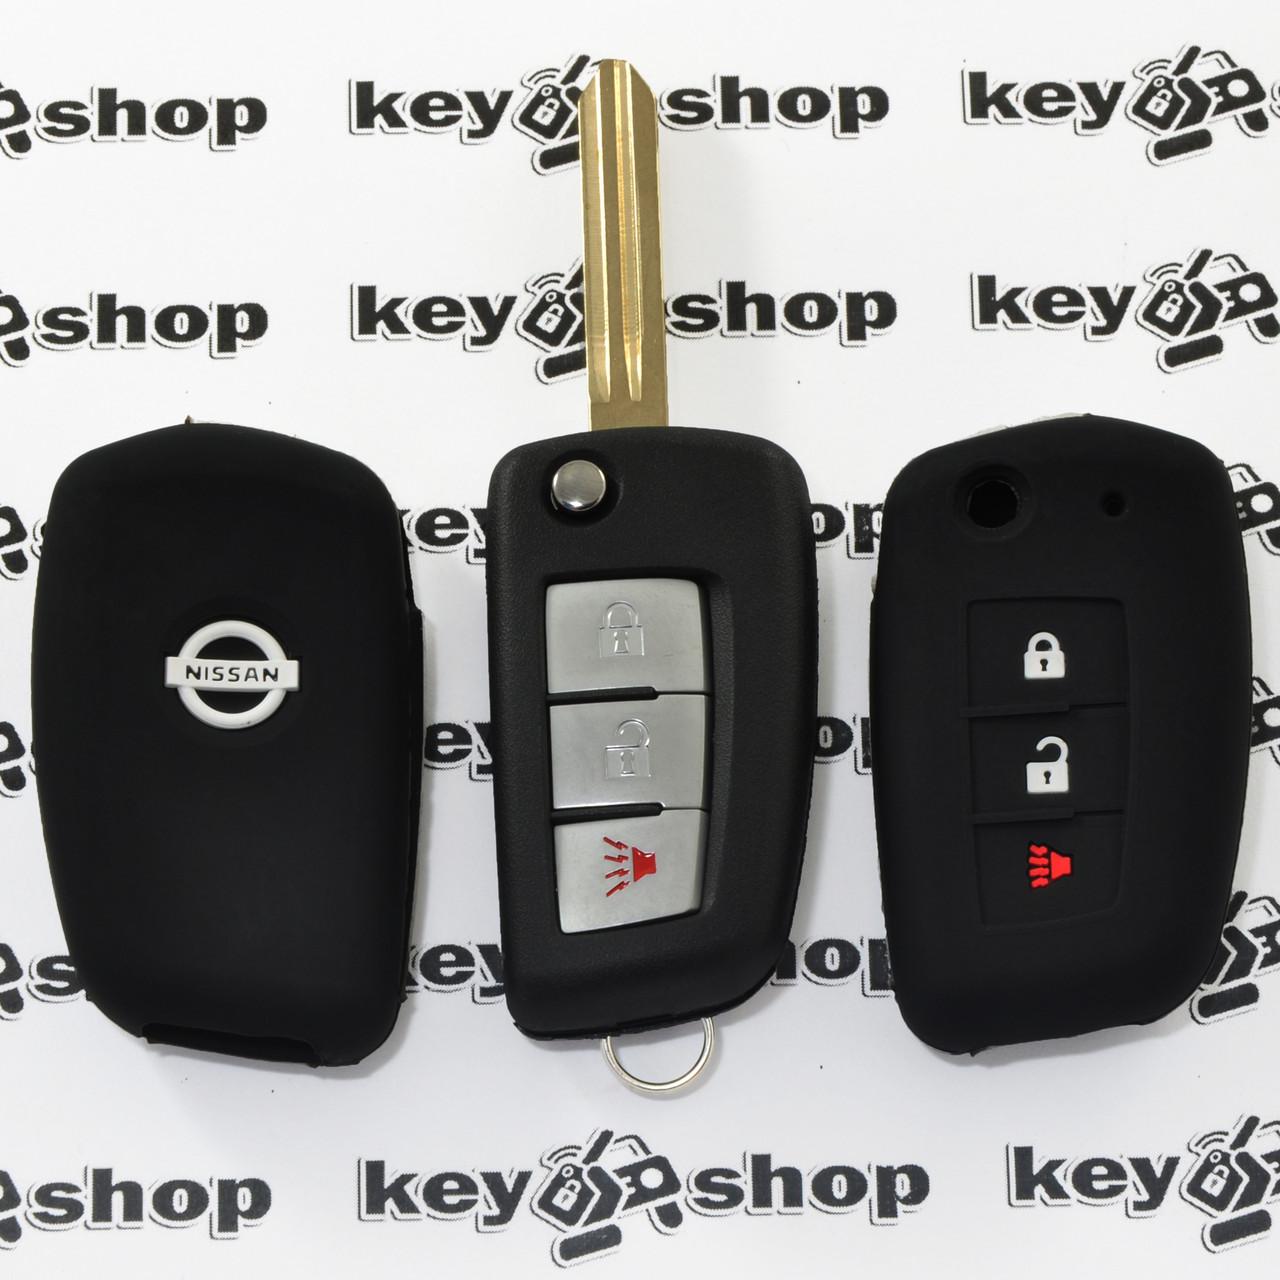 Чехол (черный, силиконовый) для выкидного ключа Nissan (Ниссан) 3 кнопки